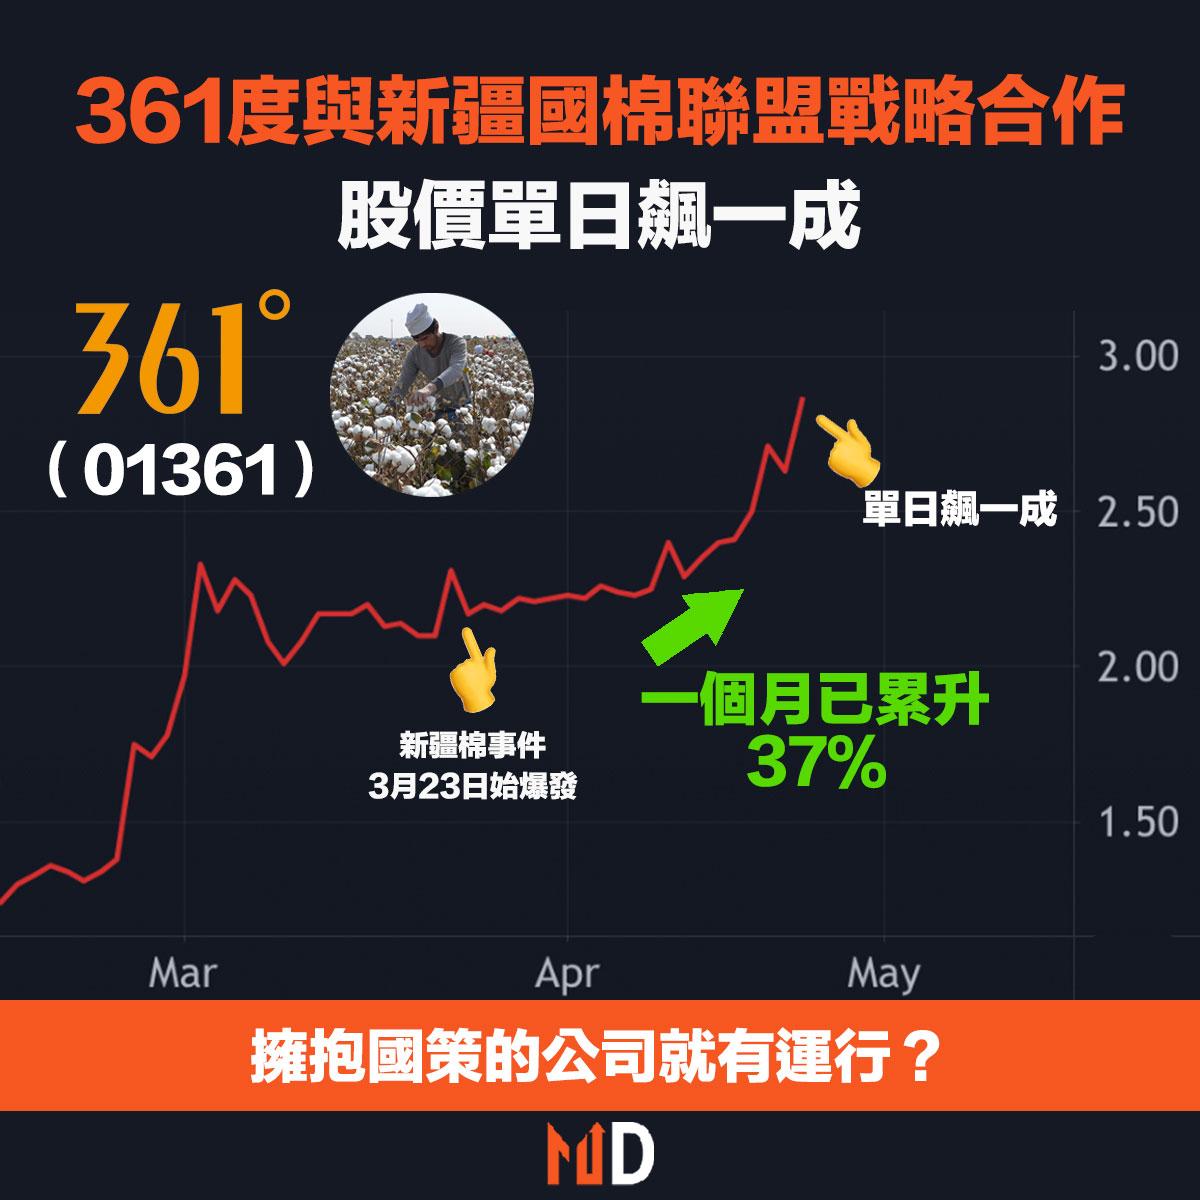 中國體育用品品牌361度(1361)股價爆升一成